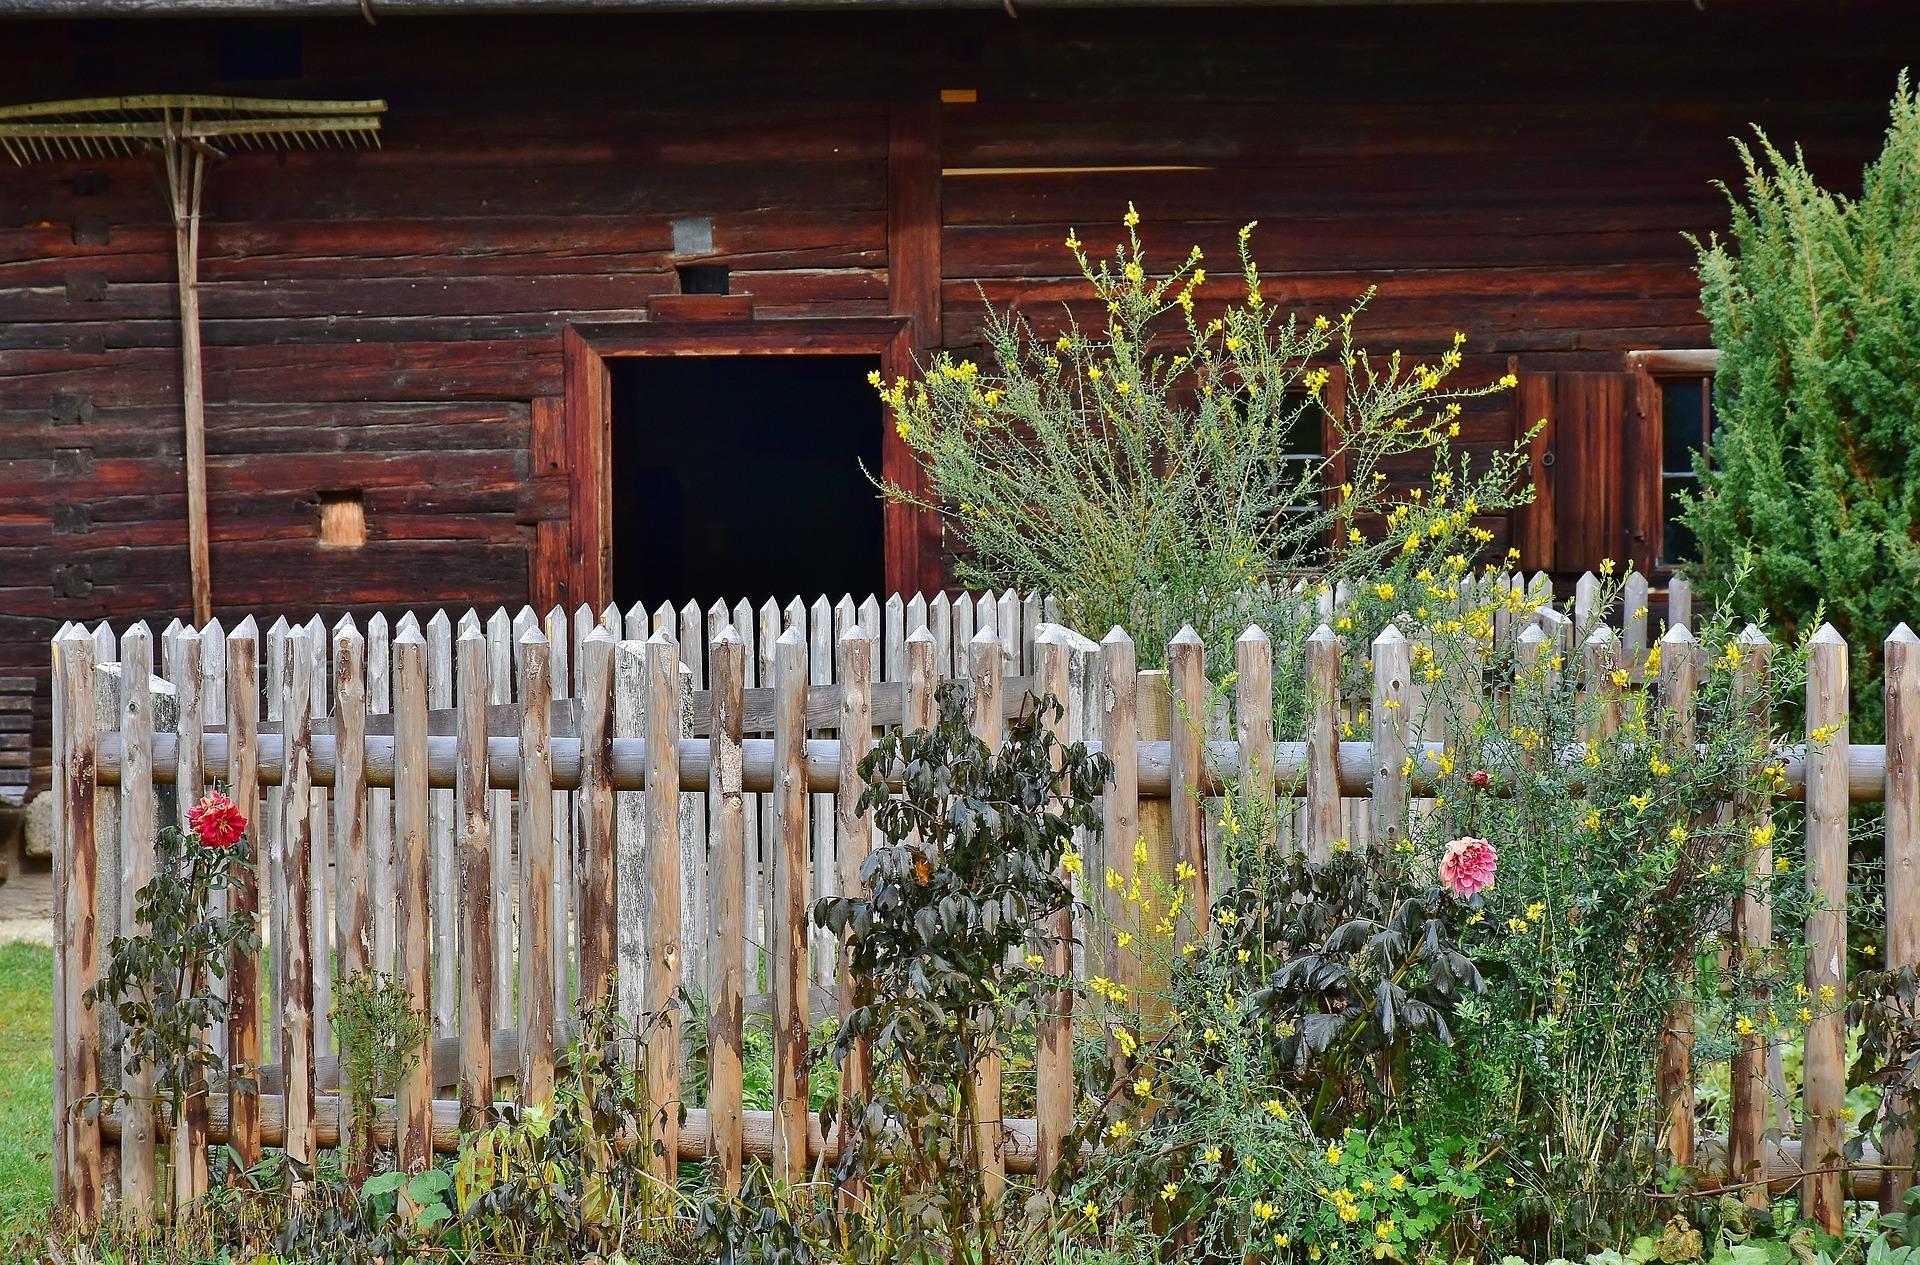 Un jardin clôturé devant une maison en bois